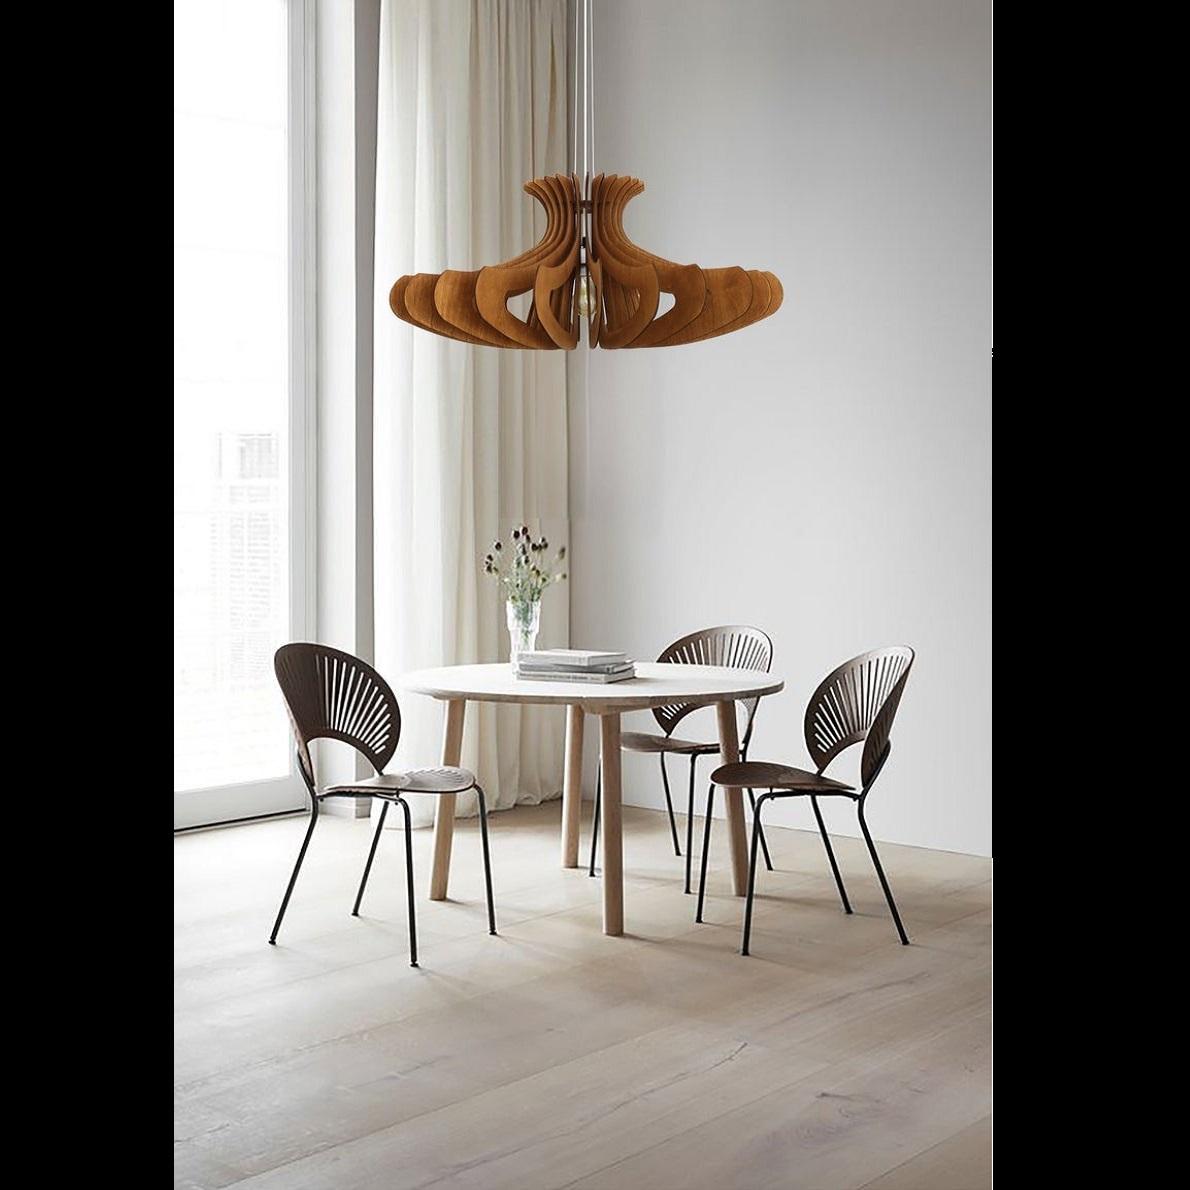 Đèn gỗ thả trần CAO CẤP hiện đại sang trọng 24x53.5cm chất liệu gỗ trang trí cho phòng khách nhà căn hộ decor nhà quán cafe